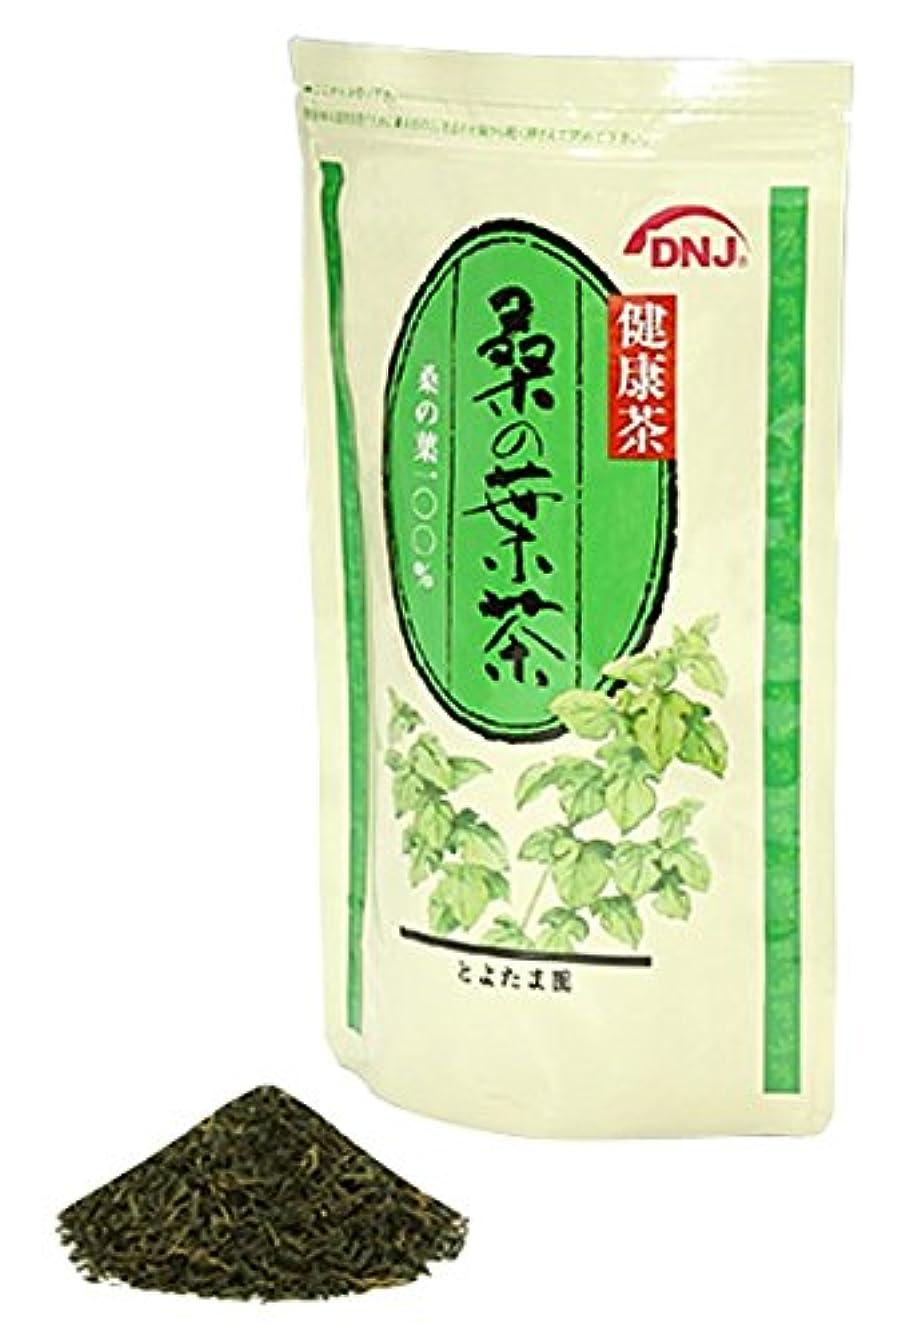 野な価値少なくともトヨタマ(TOYOTAMA) 国産健康茶 桑の葉茶 90g 01096195